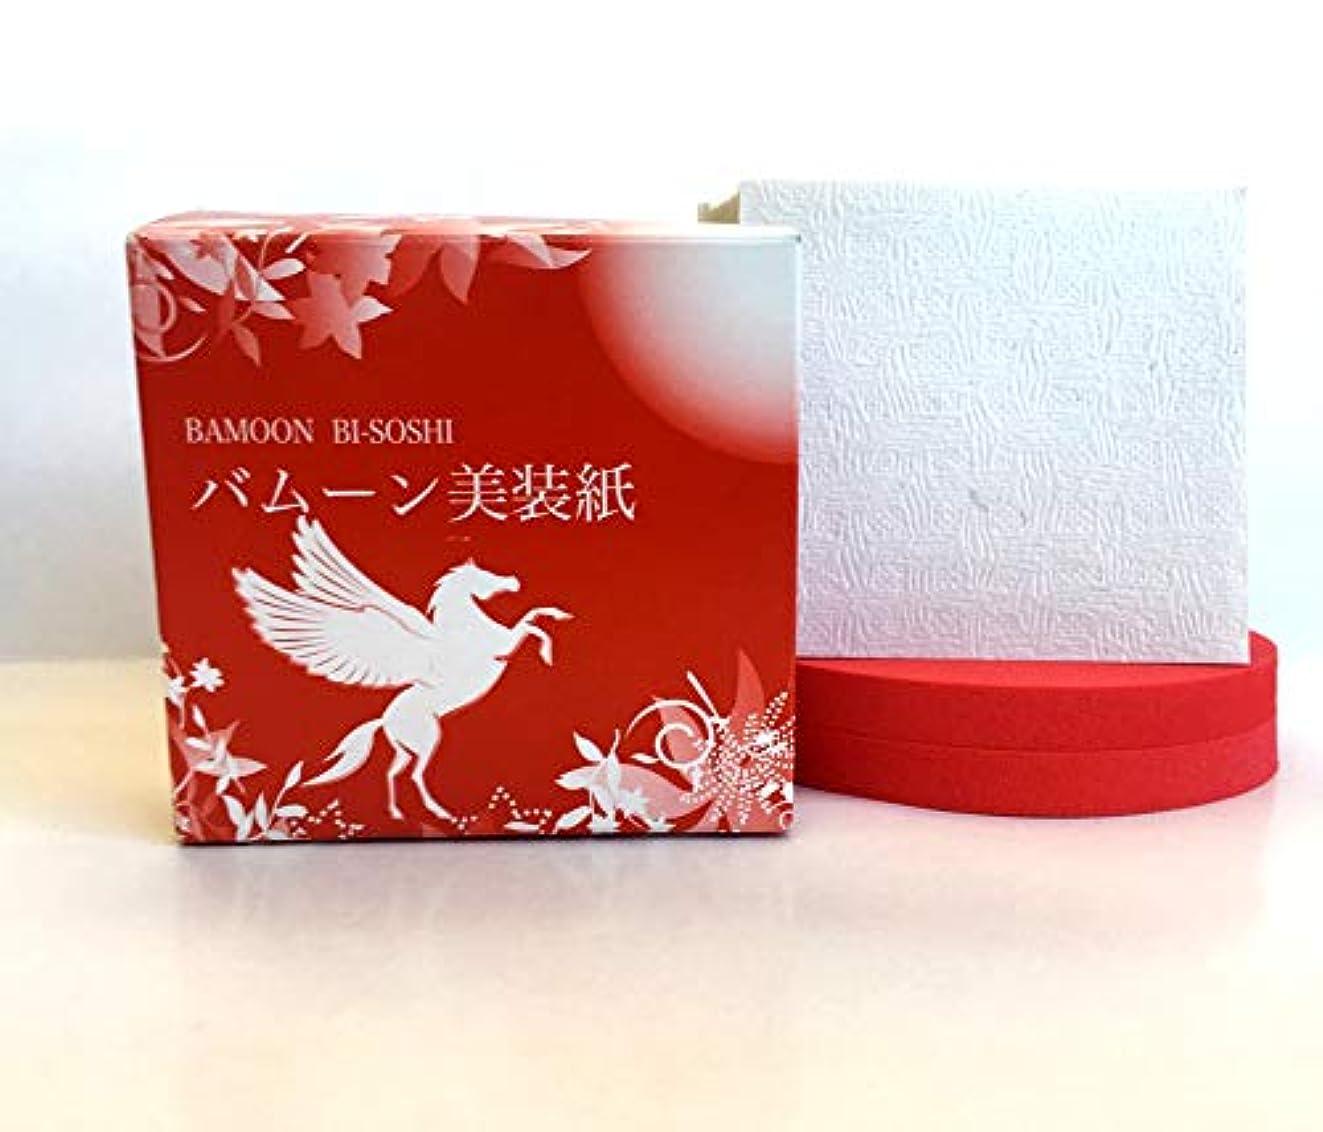 ジャンプする扇動気楽なスターアベニュー バムーン美装紙 60枚入 和紙洗顔 ゼオライト トルマリン配合